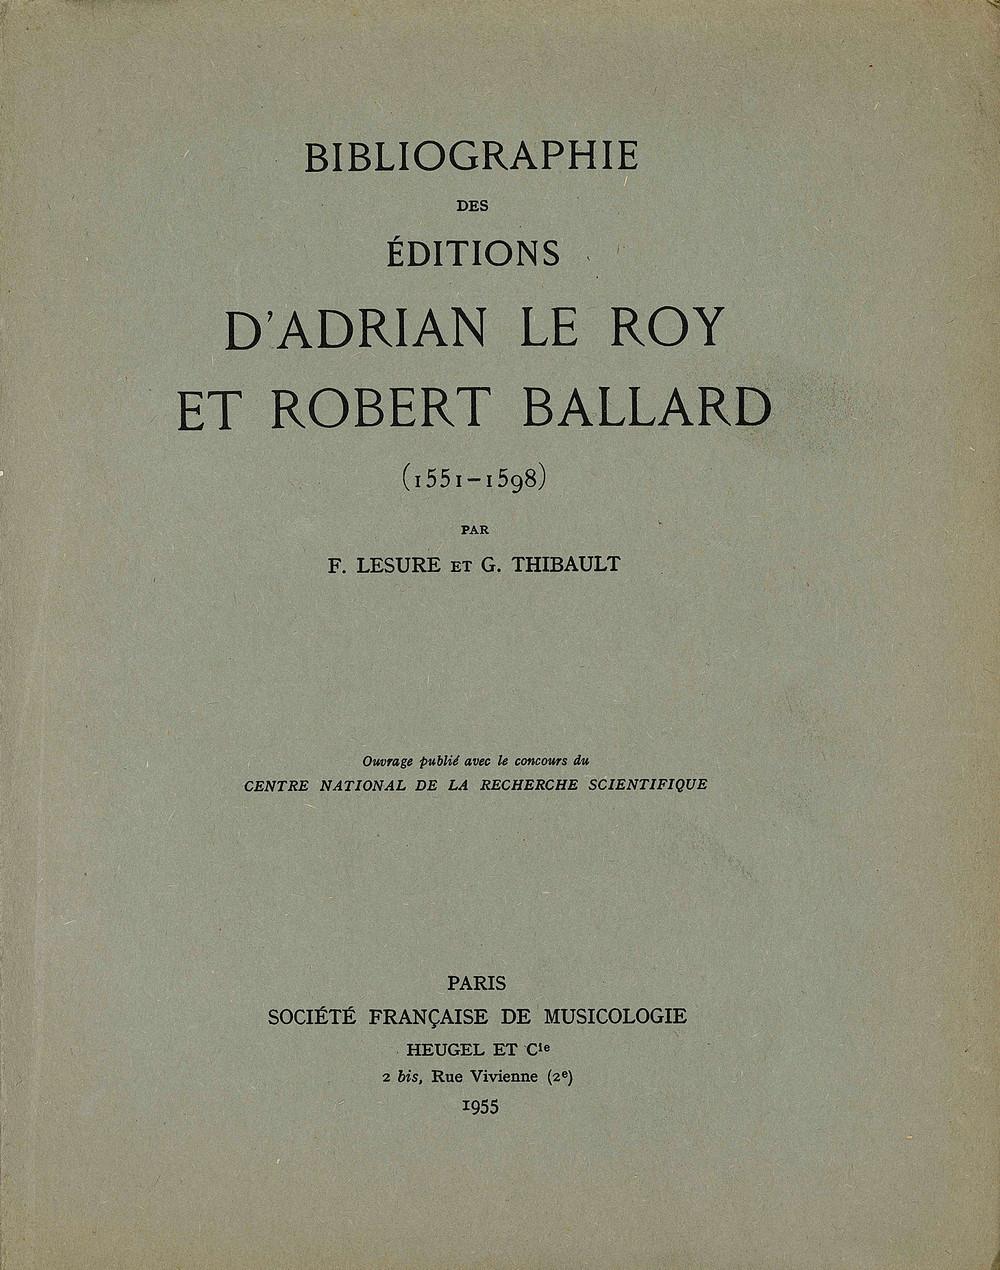 BIBLIOGRAPHIE DES EDITIONS D ADRIAN LE ROY ET ROBERT BALLARD (1551-1598)